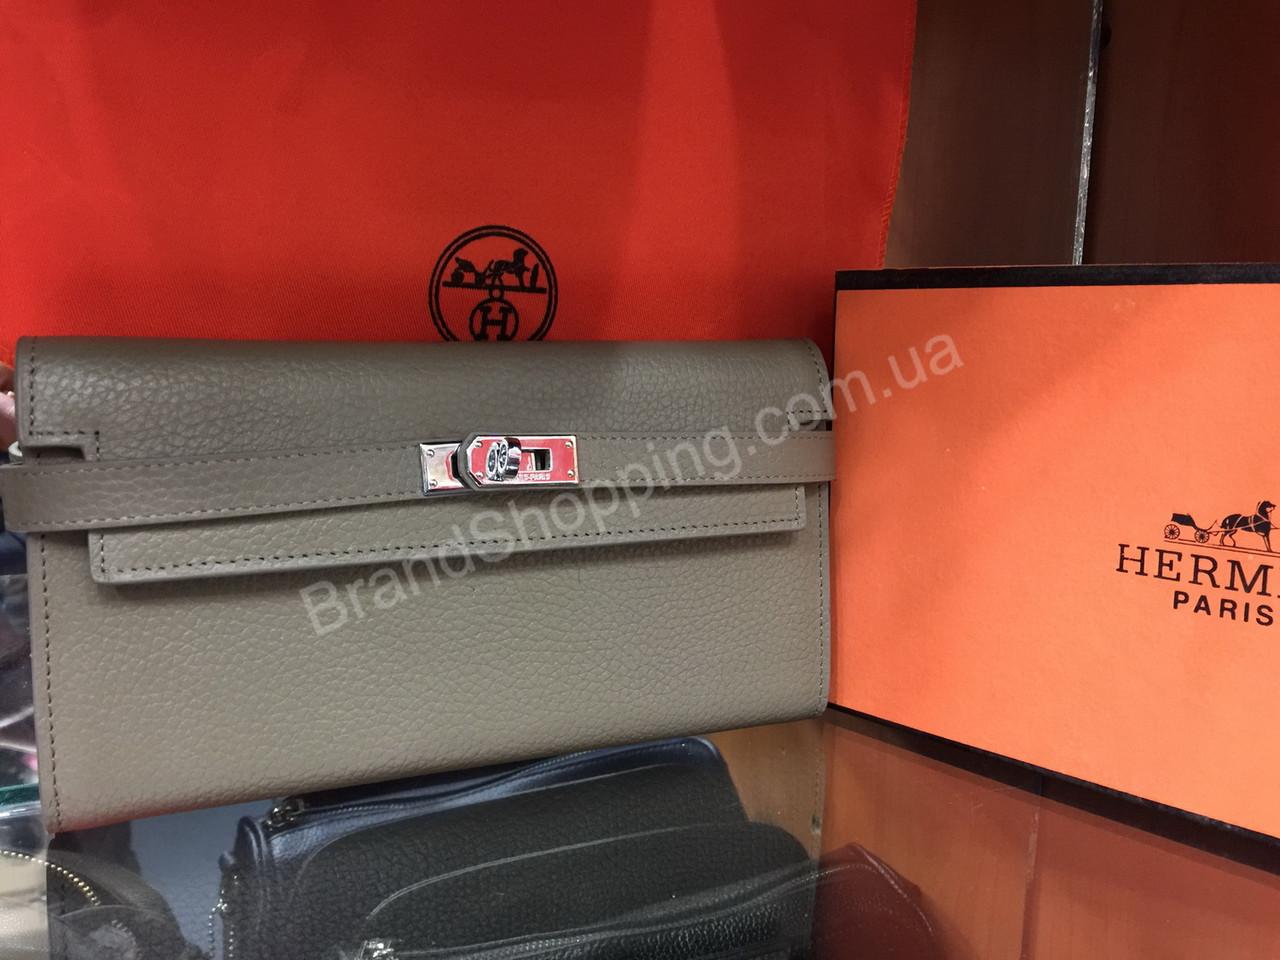 cca93d9b41ee Кожаный кошелёк Hermes 0327s, цена 1 890 грн., купить в Харькове ...